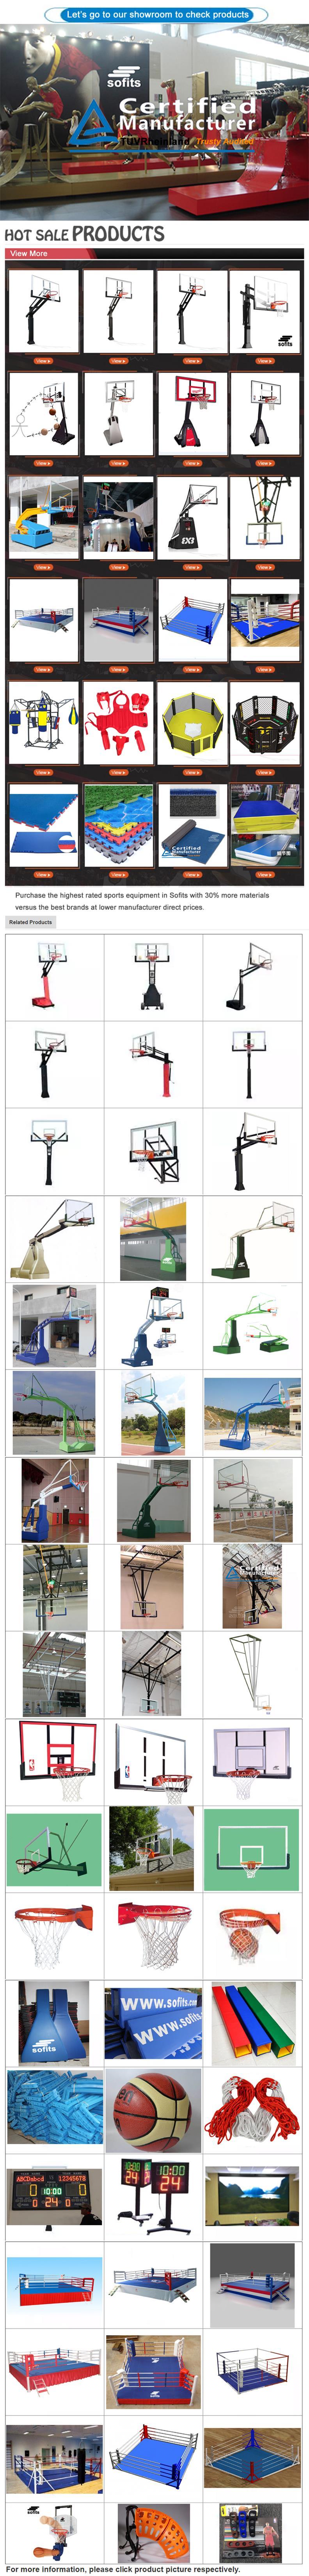 ห่วงบาสเก็ตบอลปรับความสูงได้ในที่ตั้งบาสเก็ตบอล / ระบบพร้อมพนักพิงแก้วทรงสูง